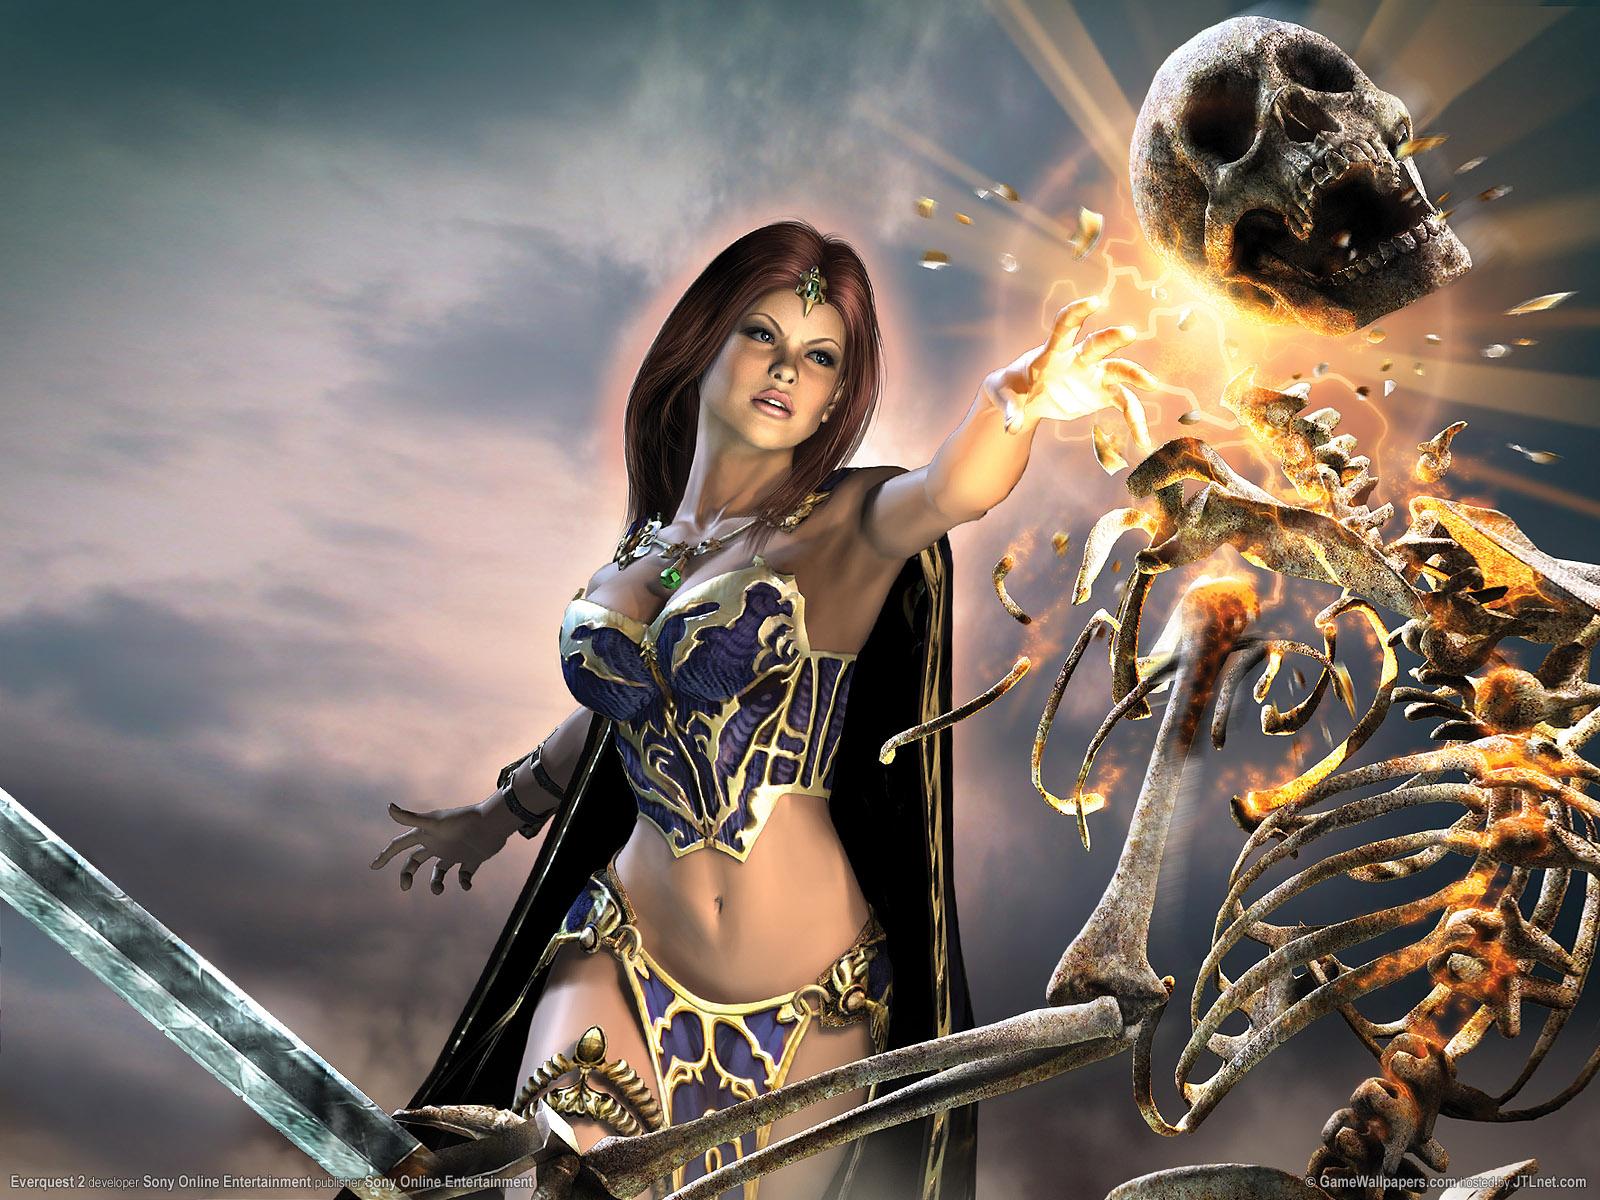 Fanseite zu Everquest 2 schließt, war den Entwicklern wohl zu unbequem